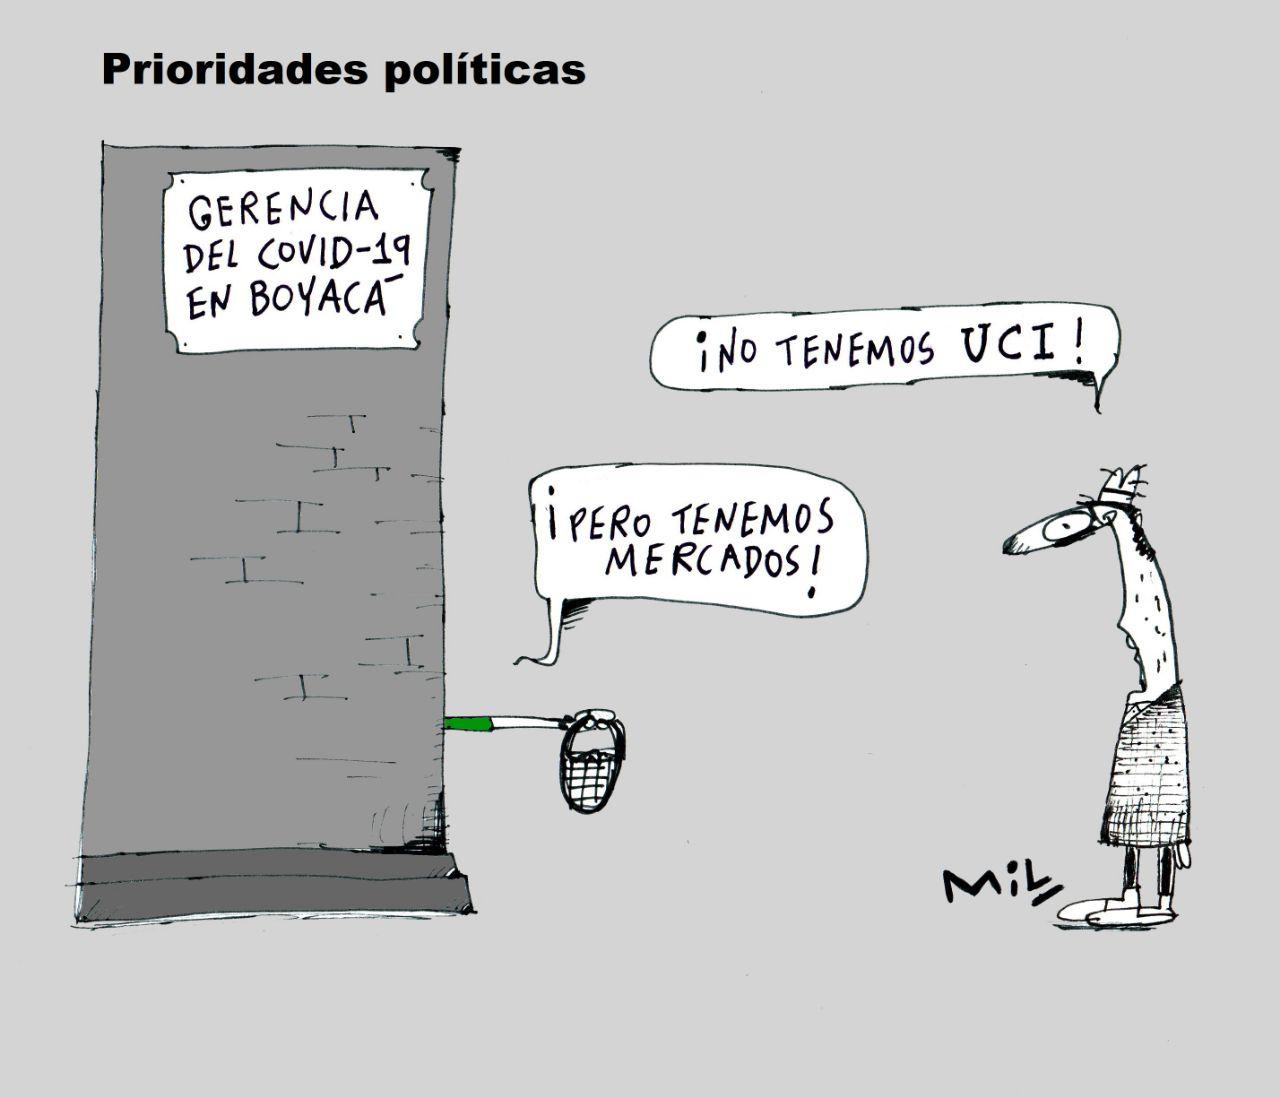 Prioridades políticas - #Caricatura7días 1